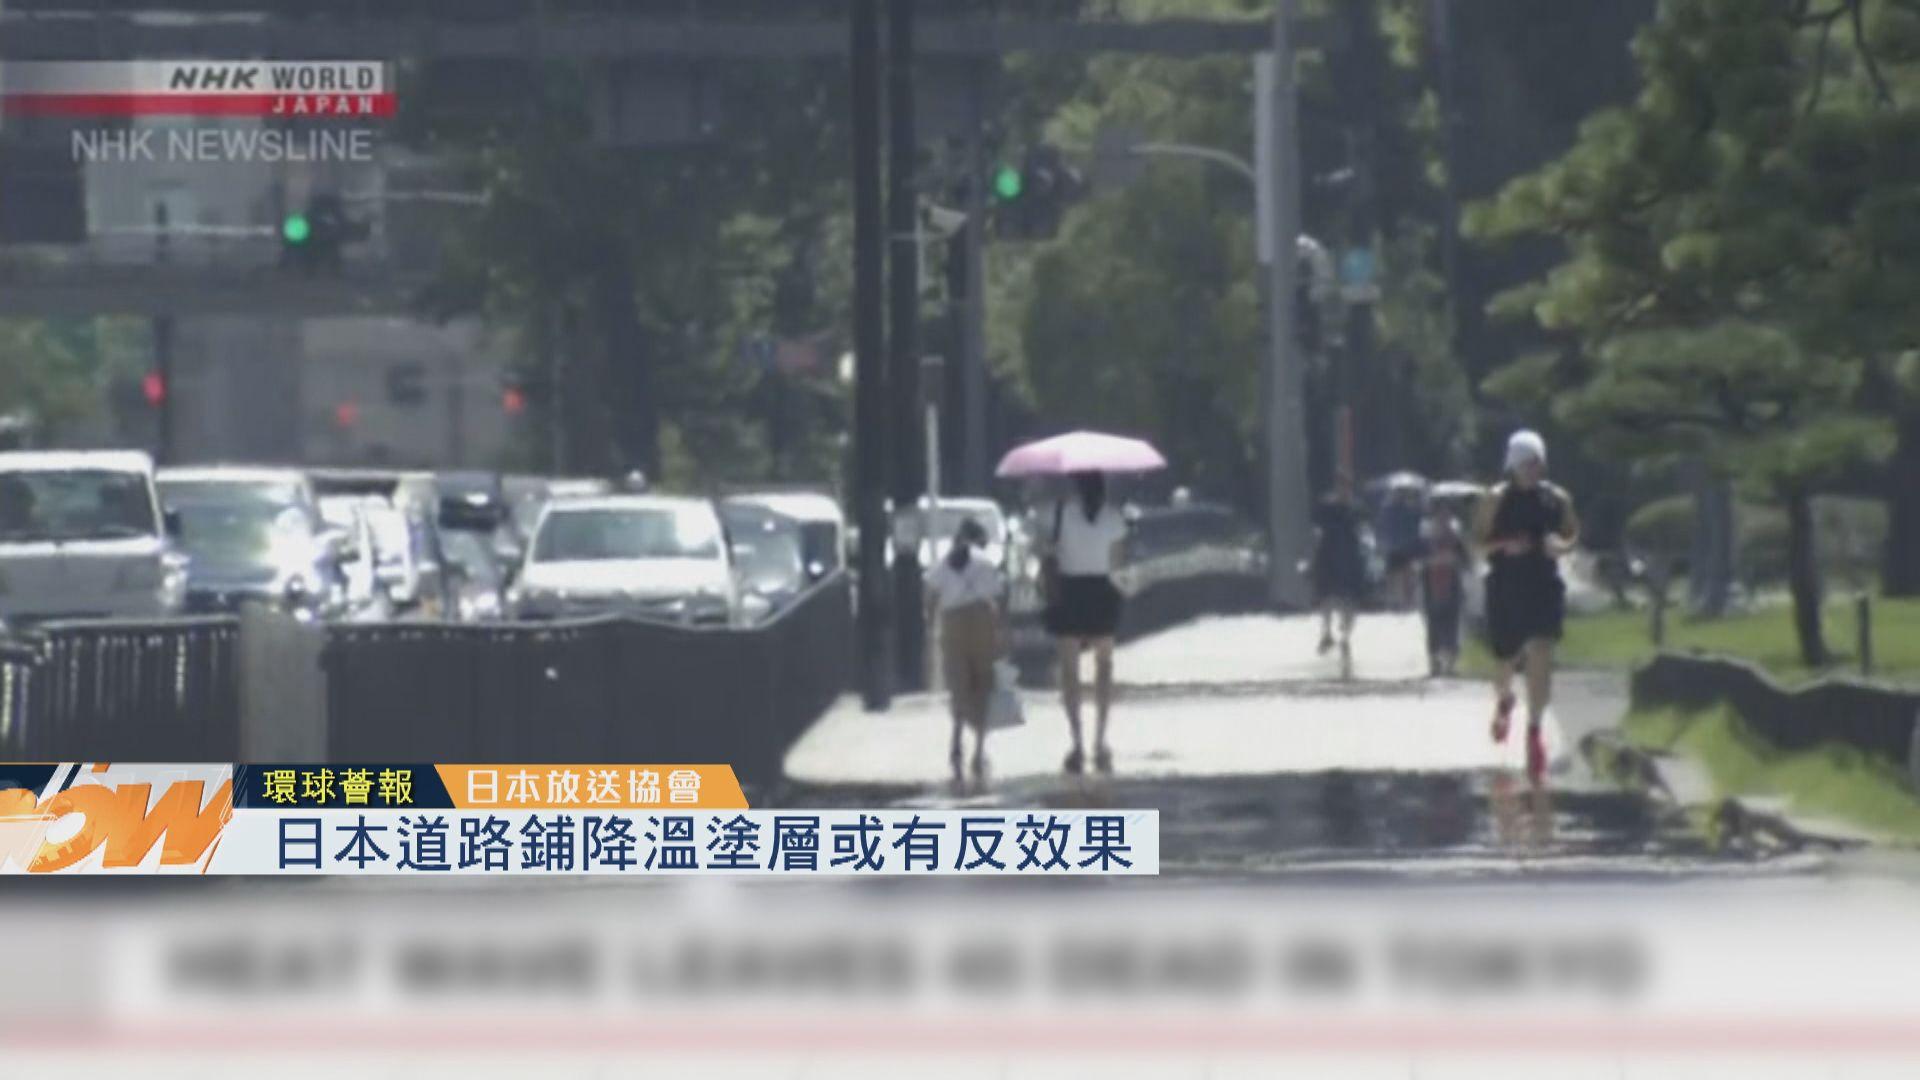 【環球薈報】日本道路鋪降溫塗層或有反效果